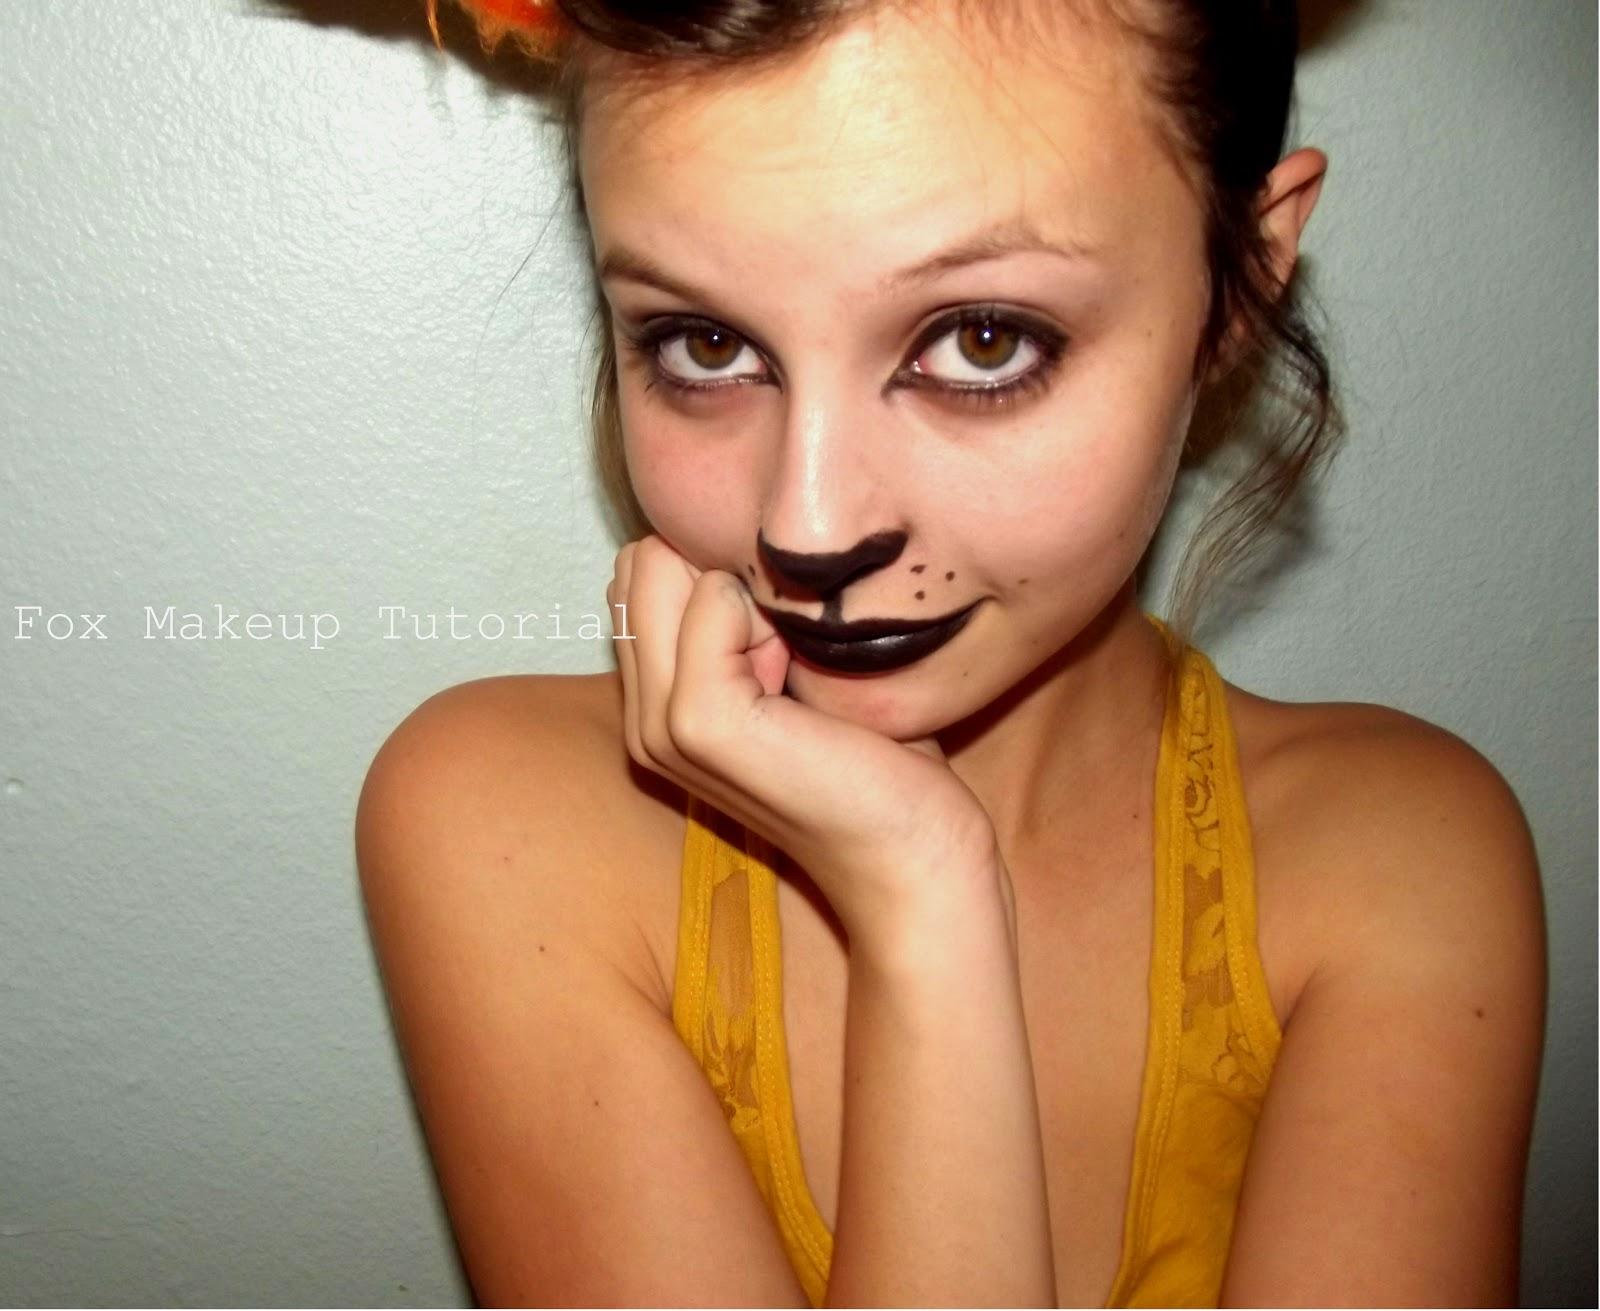 Crossthestreet Fox Makeup Tutorial - Fox-makeup